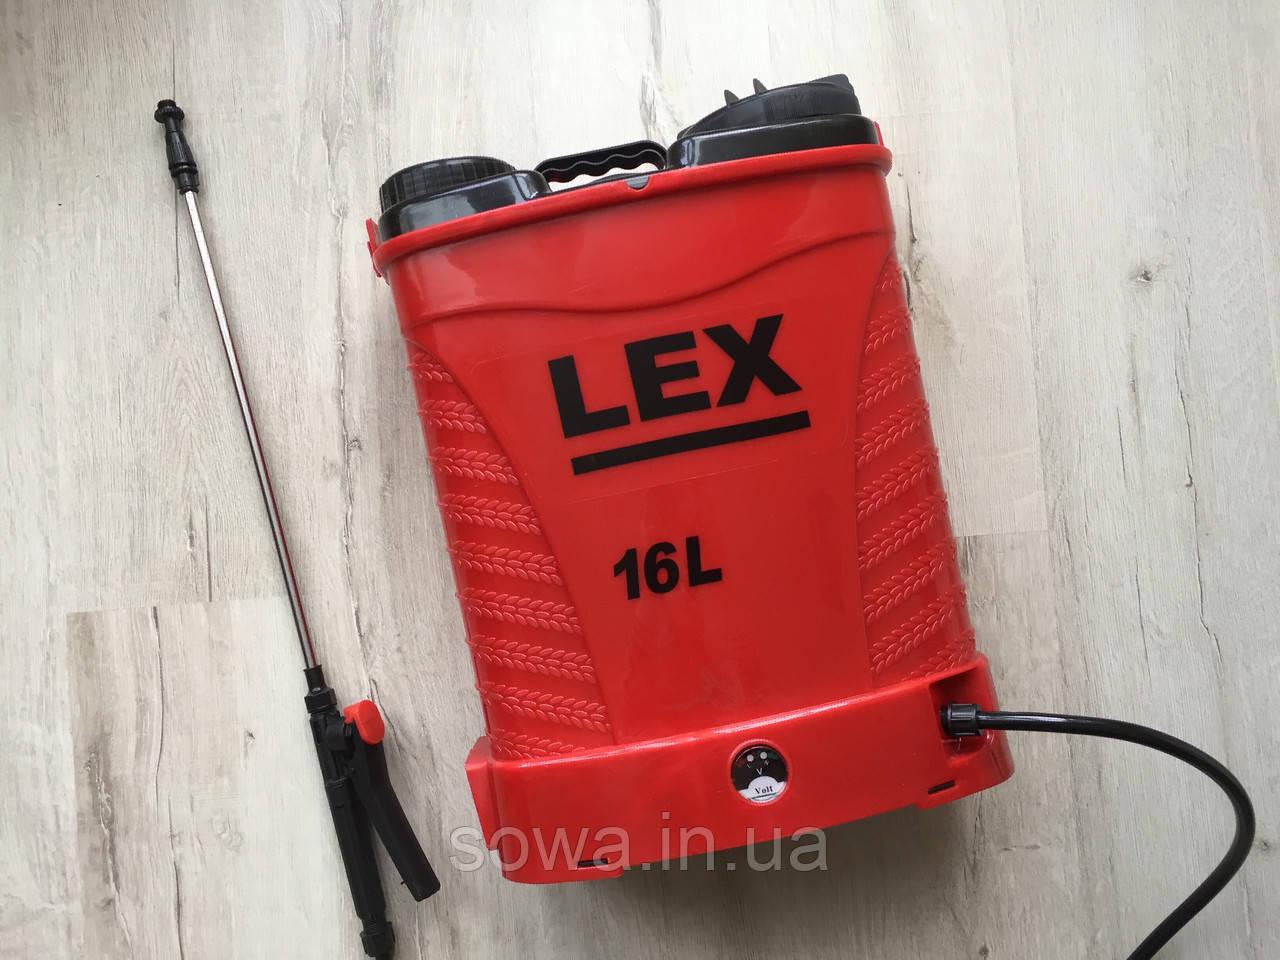 ✔️ Садовый опрыскиватель Lex Profi    15Ah, 16L